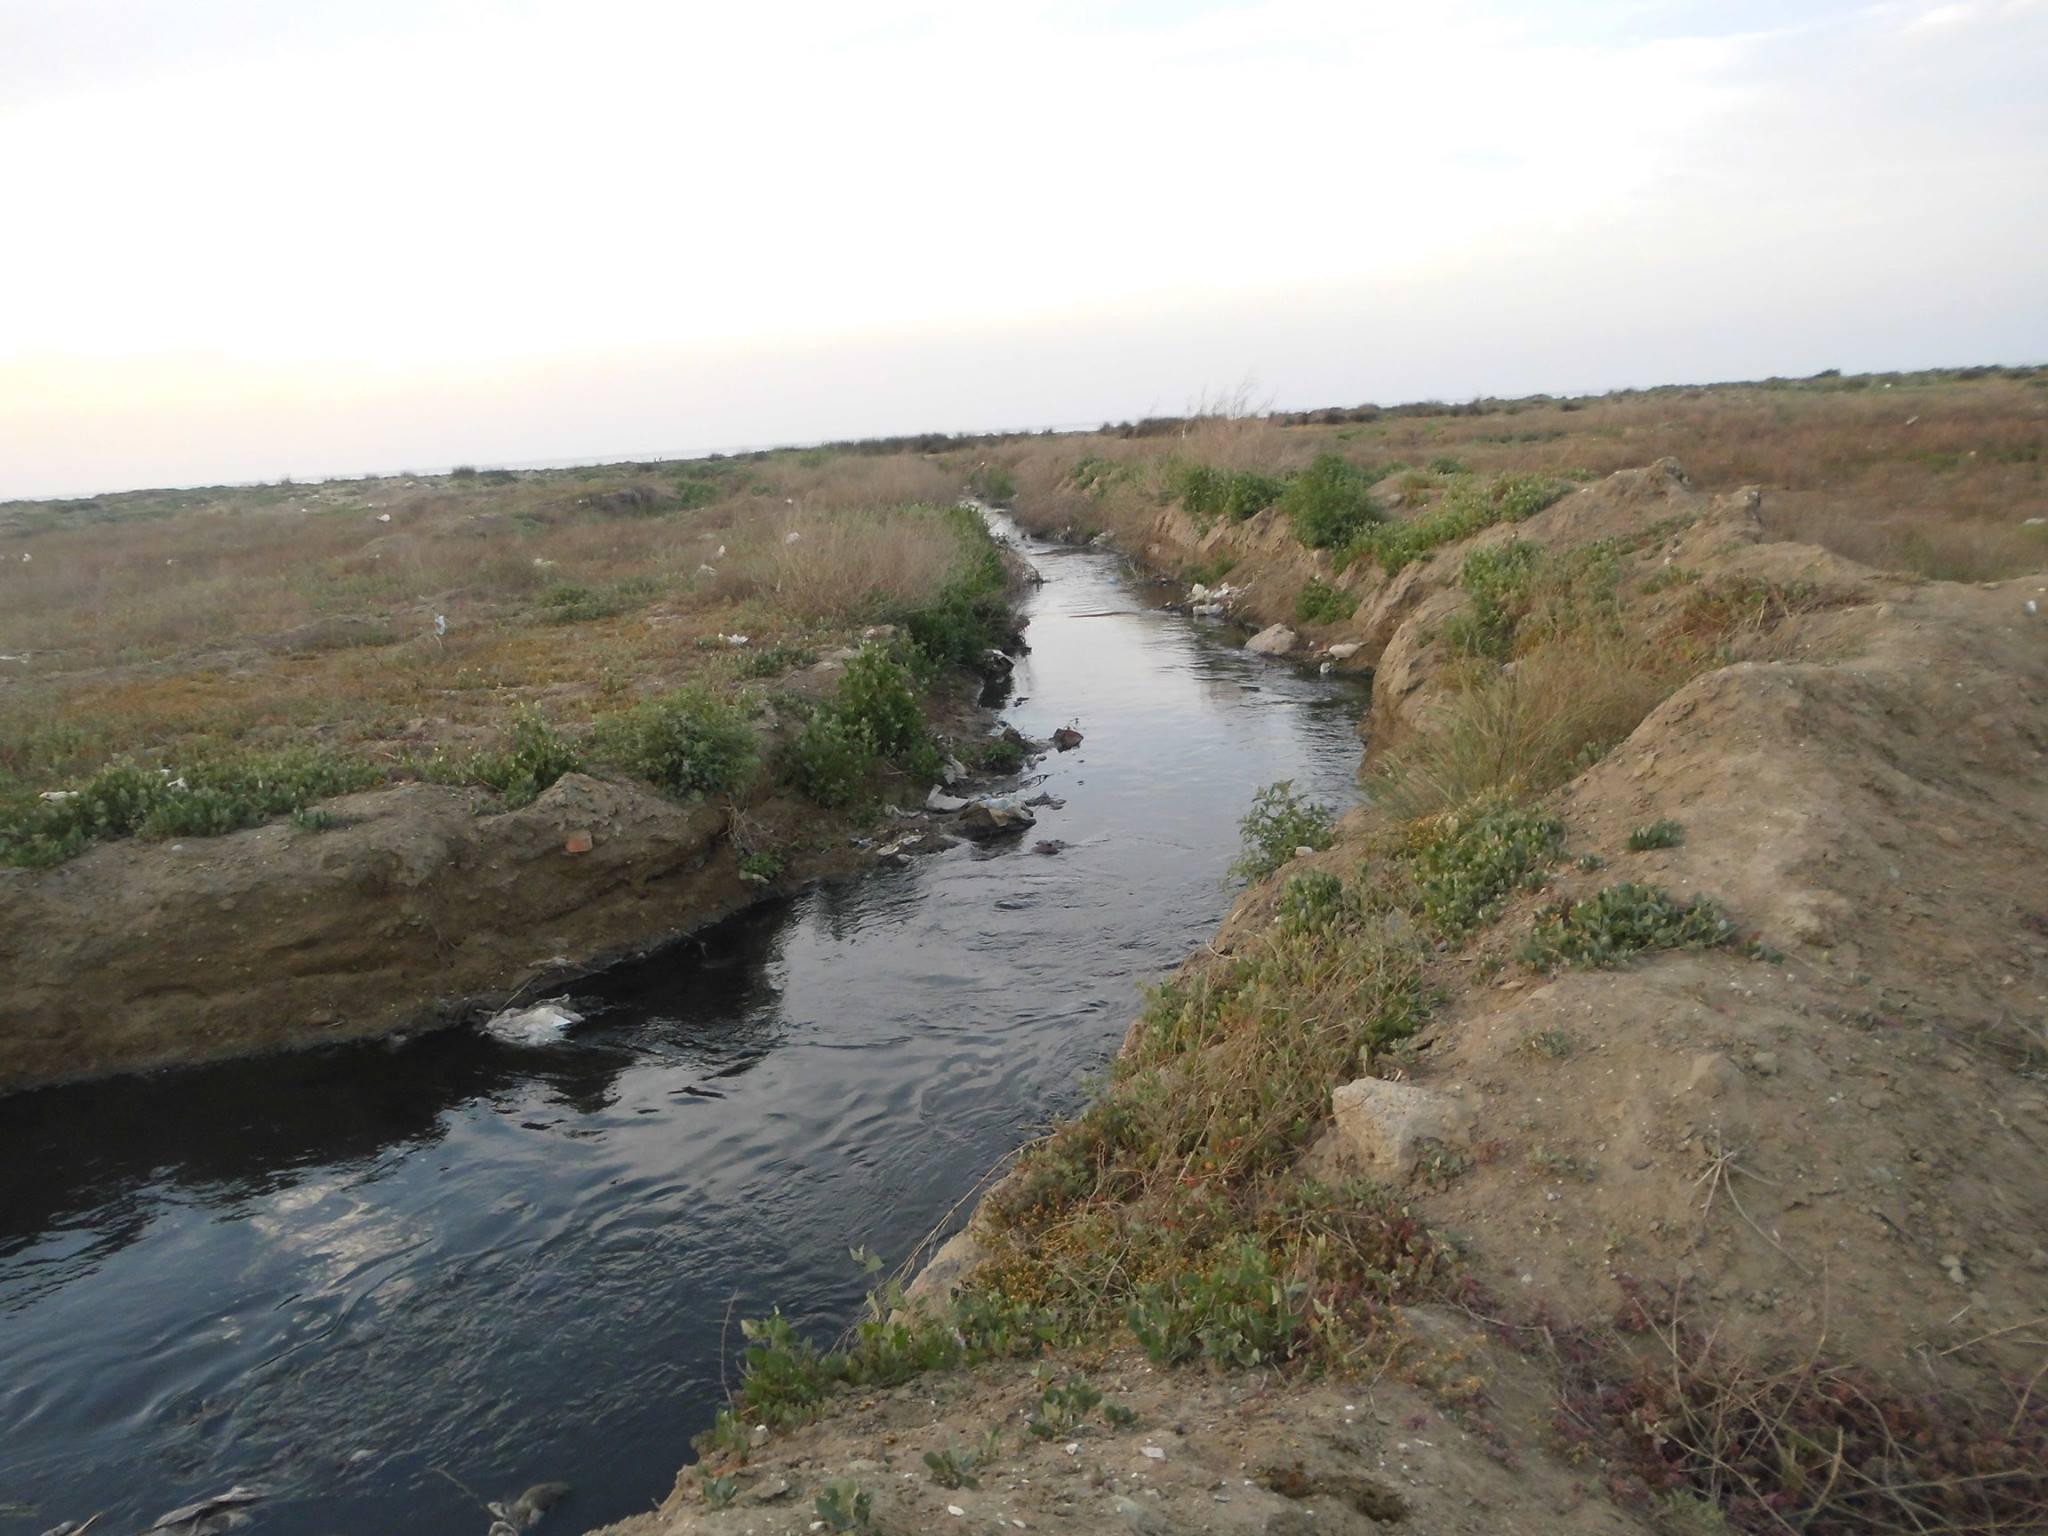 Bura Xəzər dənizinin Sumqayıt sahilləridir - Kanalizasiya suları birbaşa dənizə axır - FOTOLAR